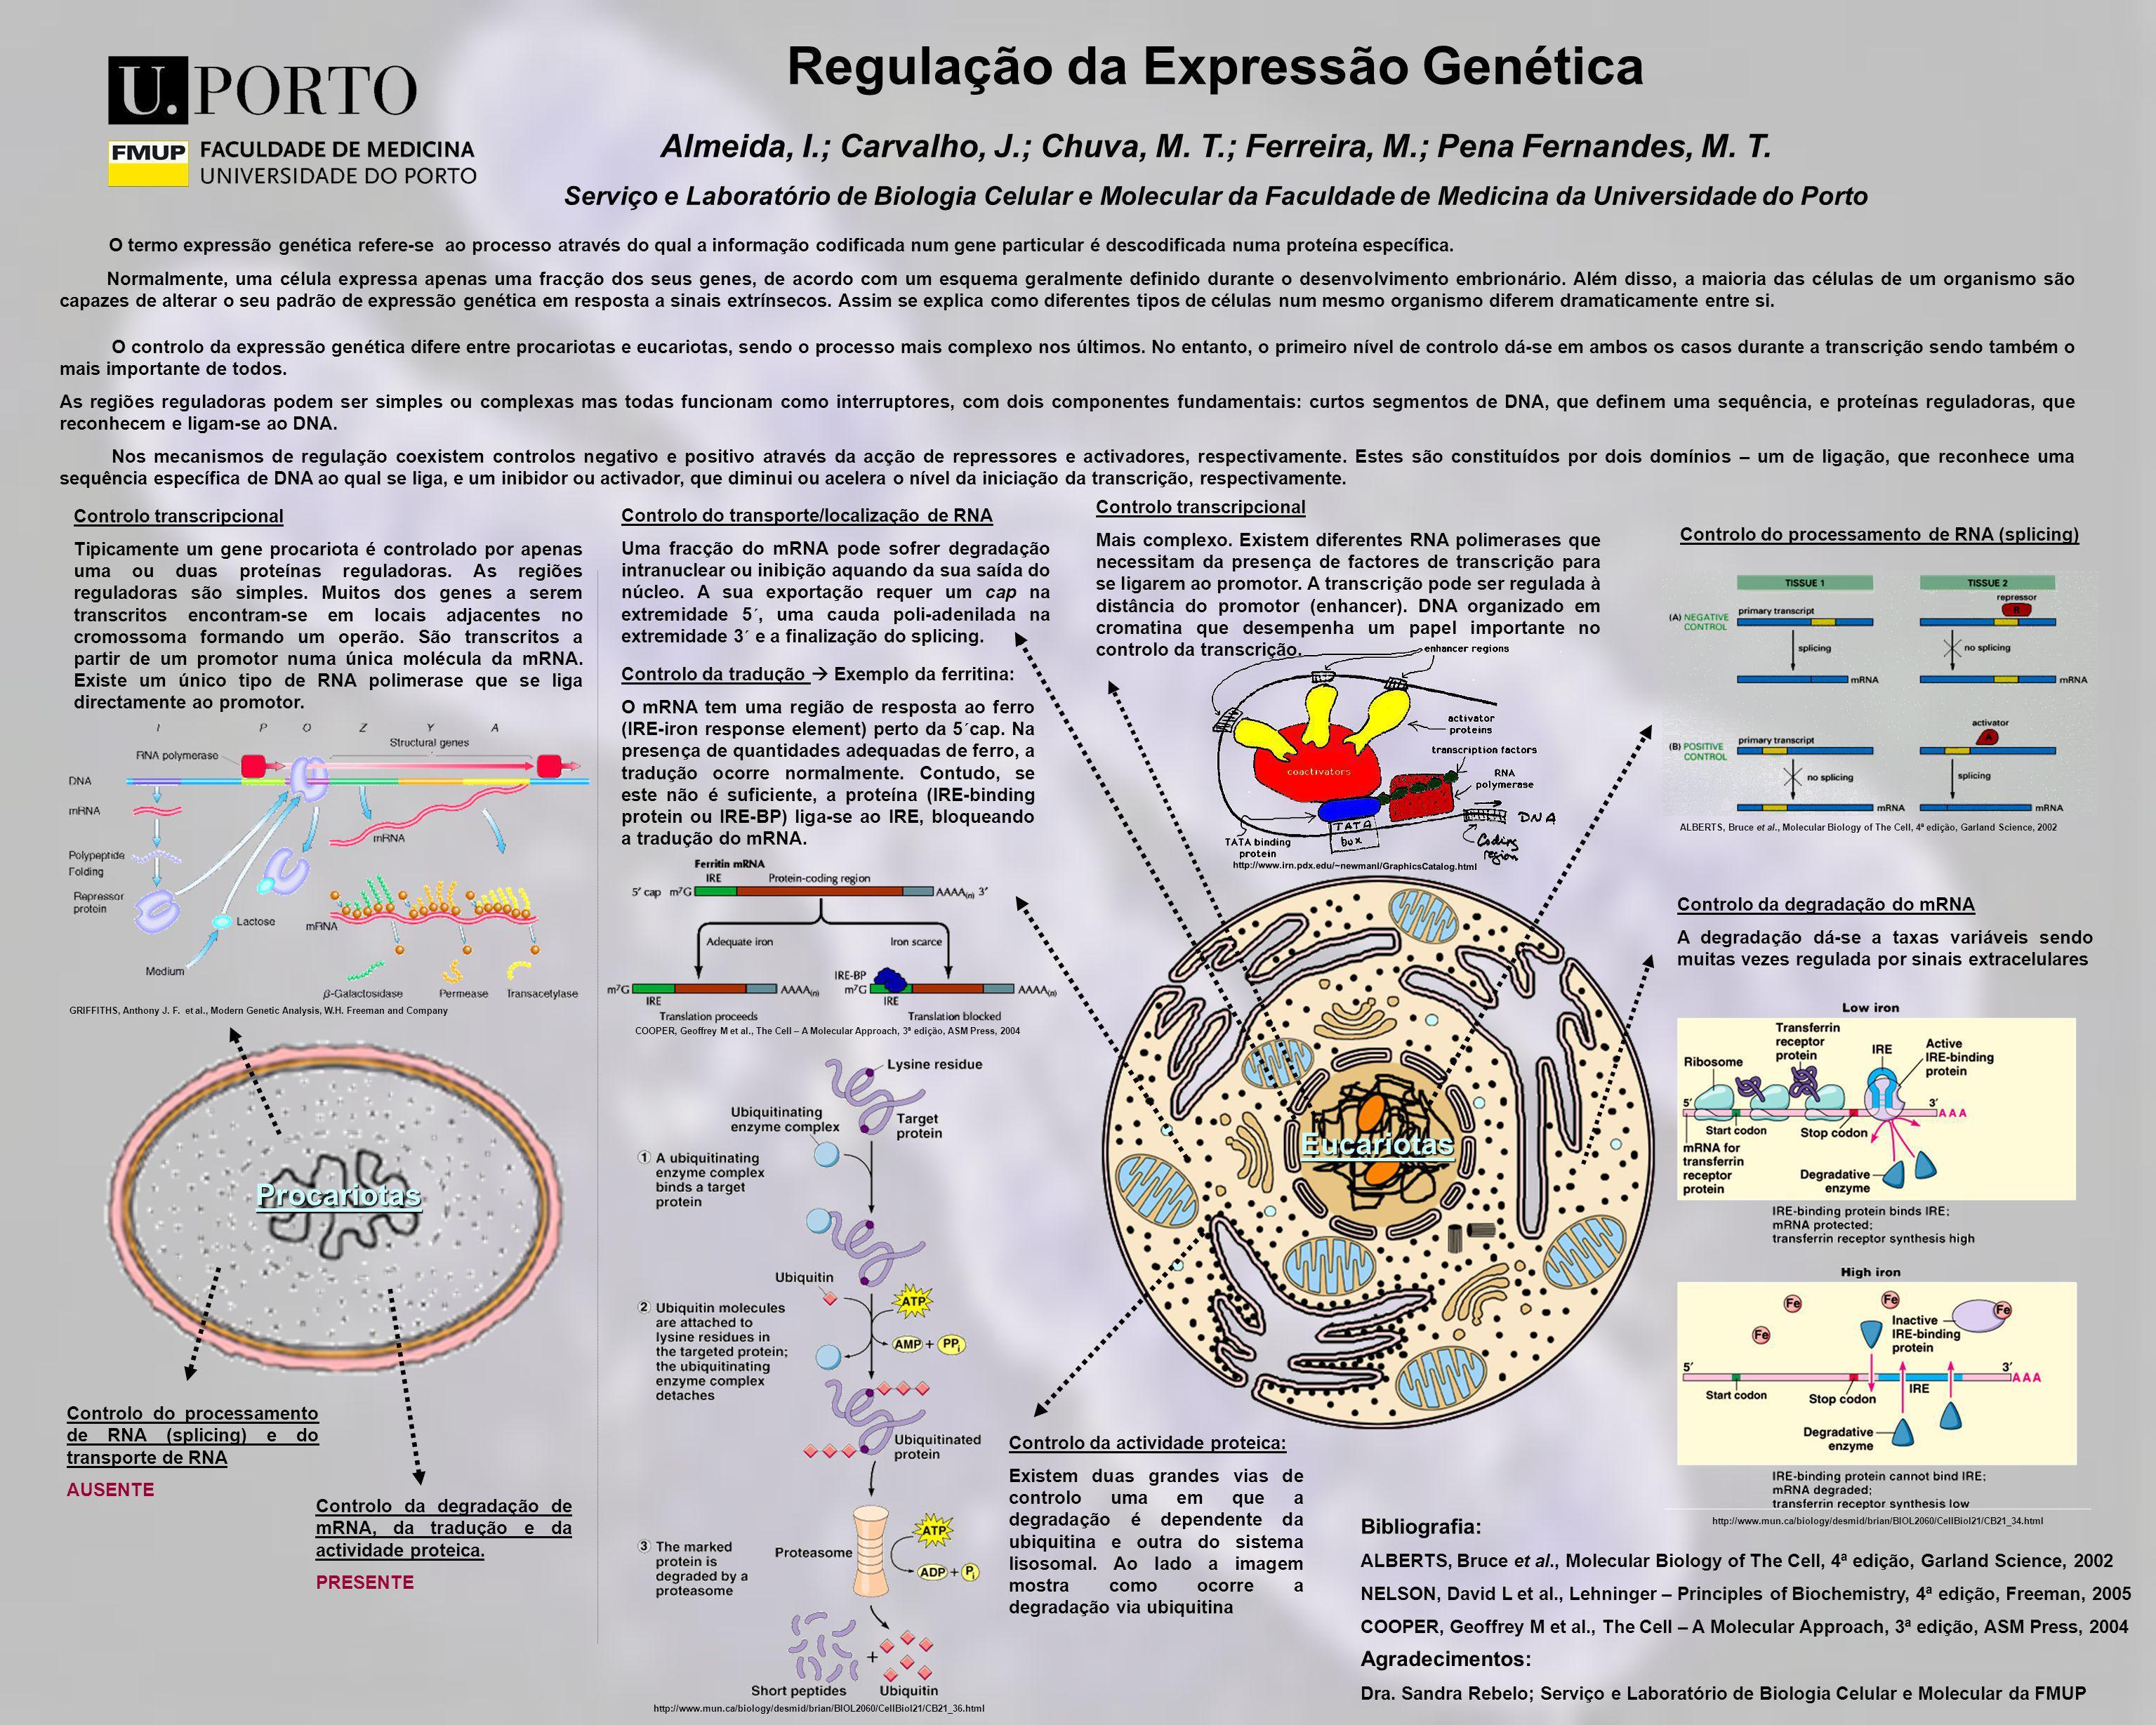 Regulação da Expressão Genética